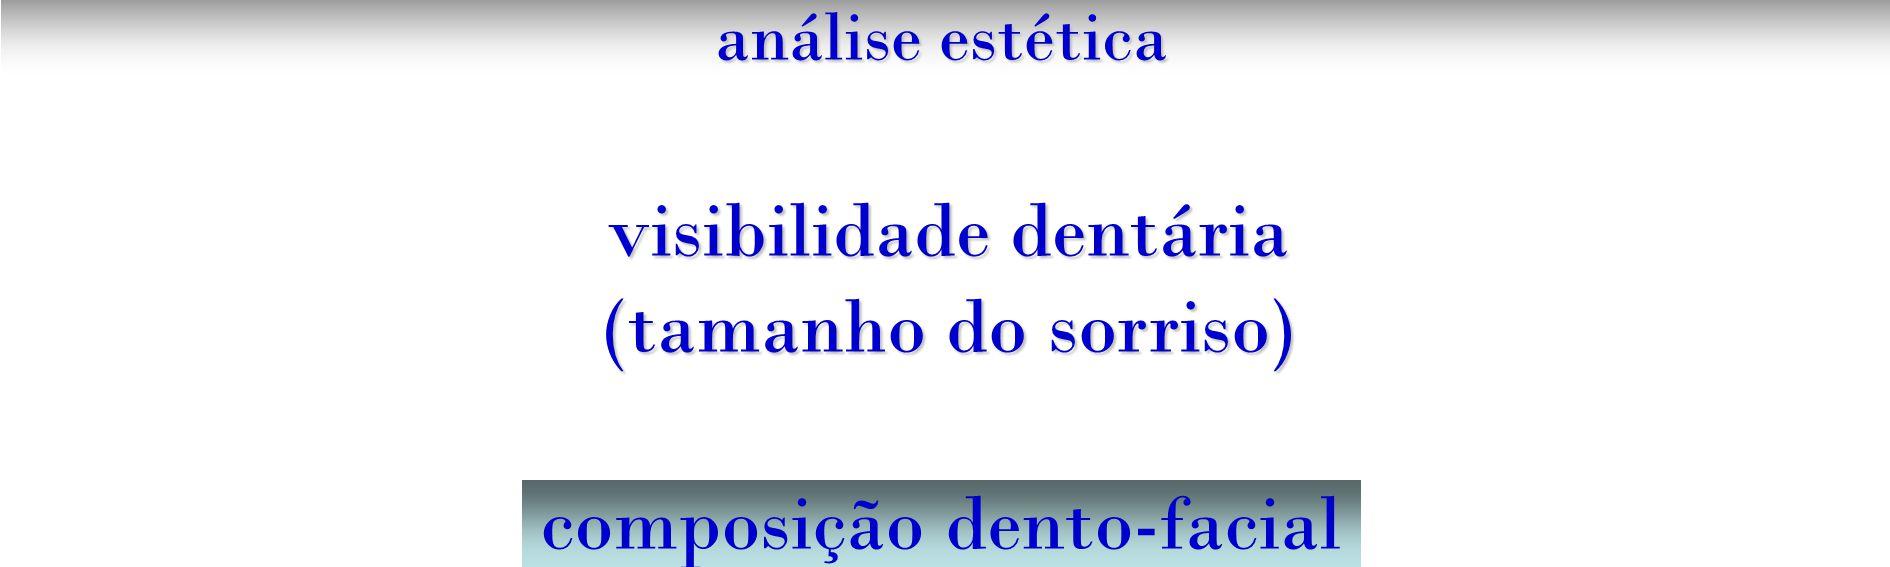 visibilidade dentária (tamanho do sorriso)